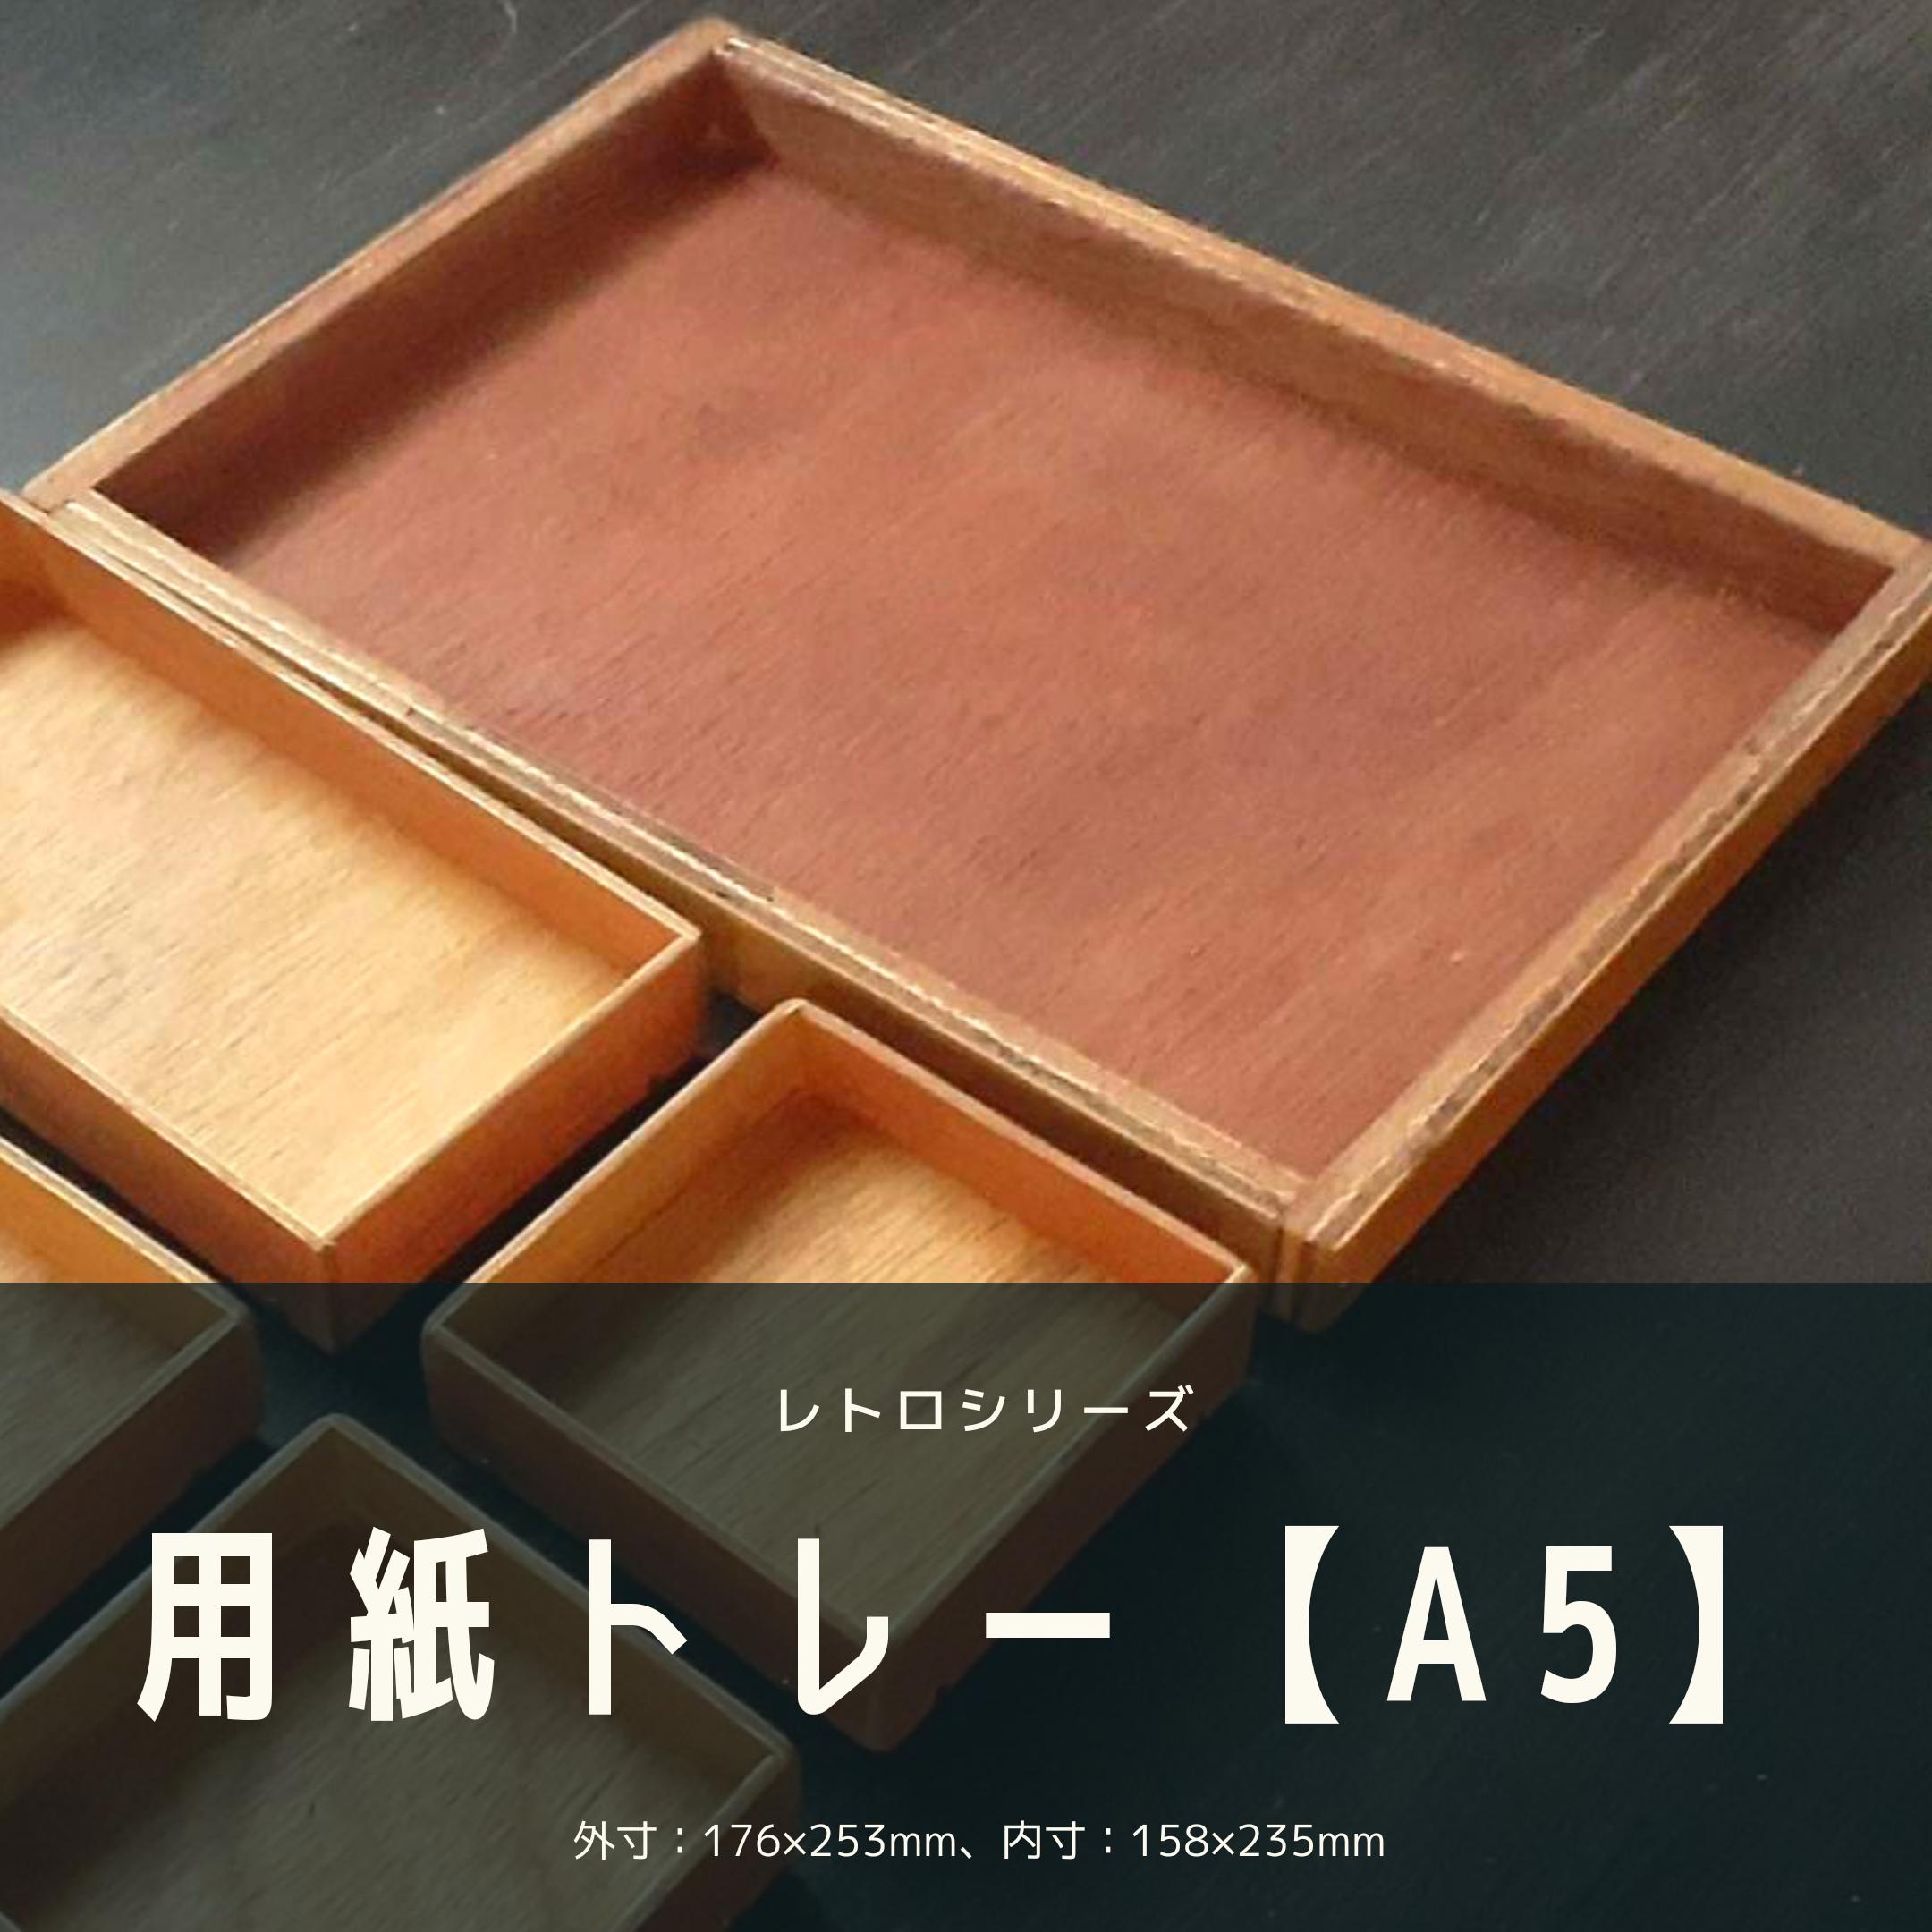 用紙トレー【A5】:レトロシリーズ